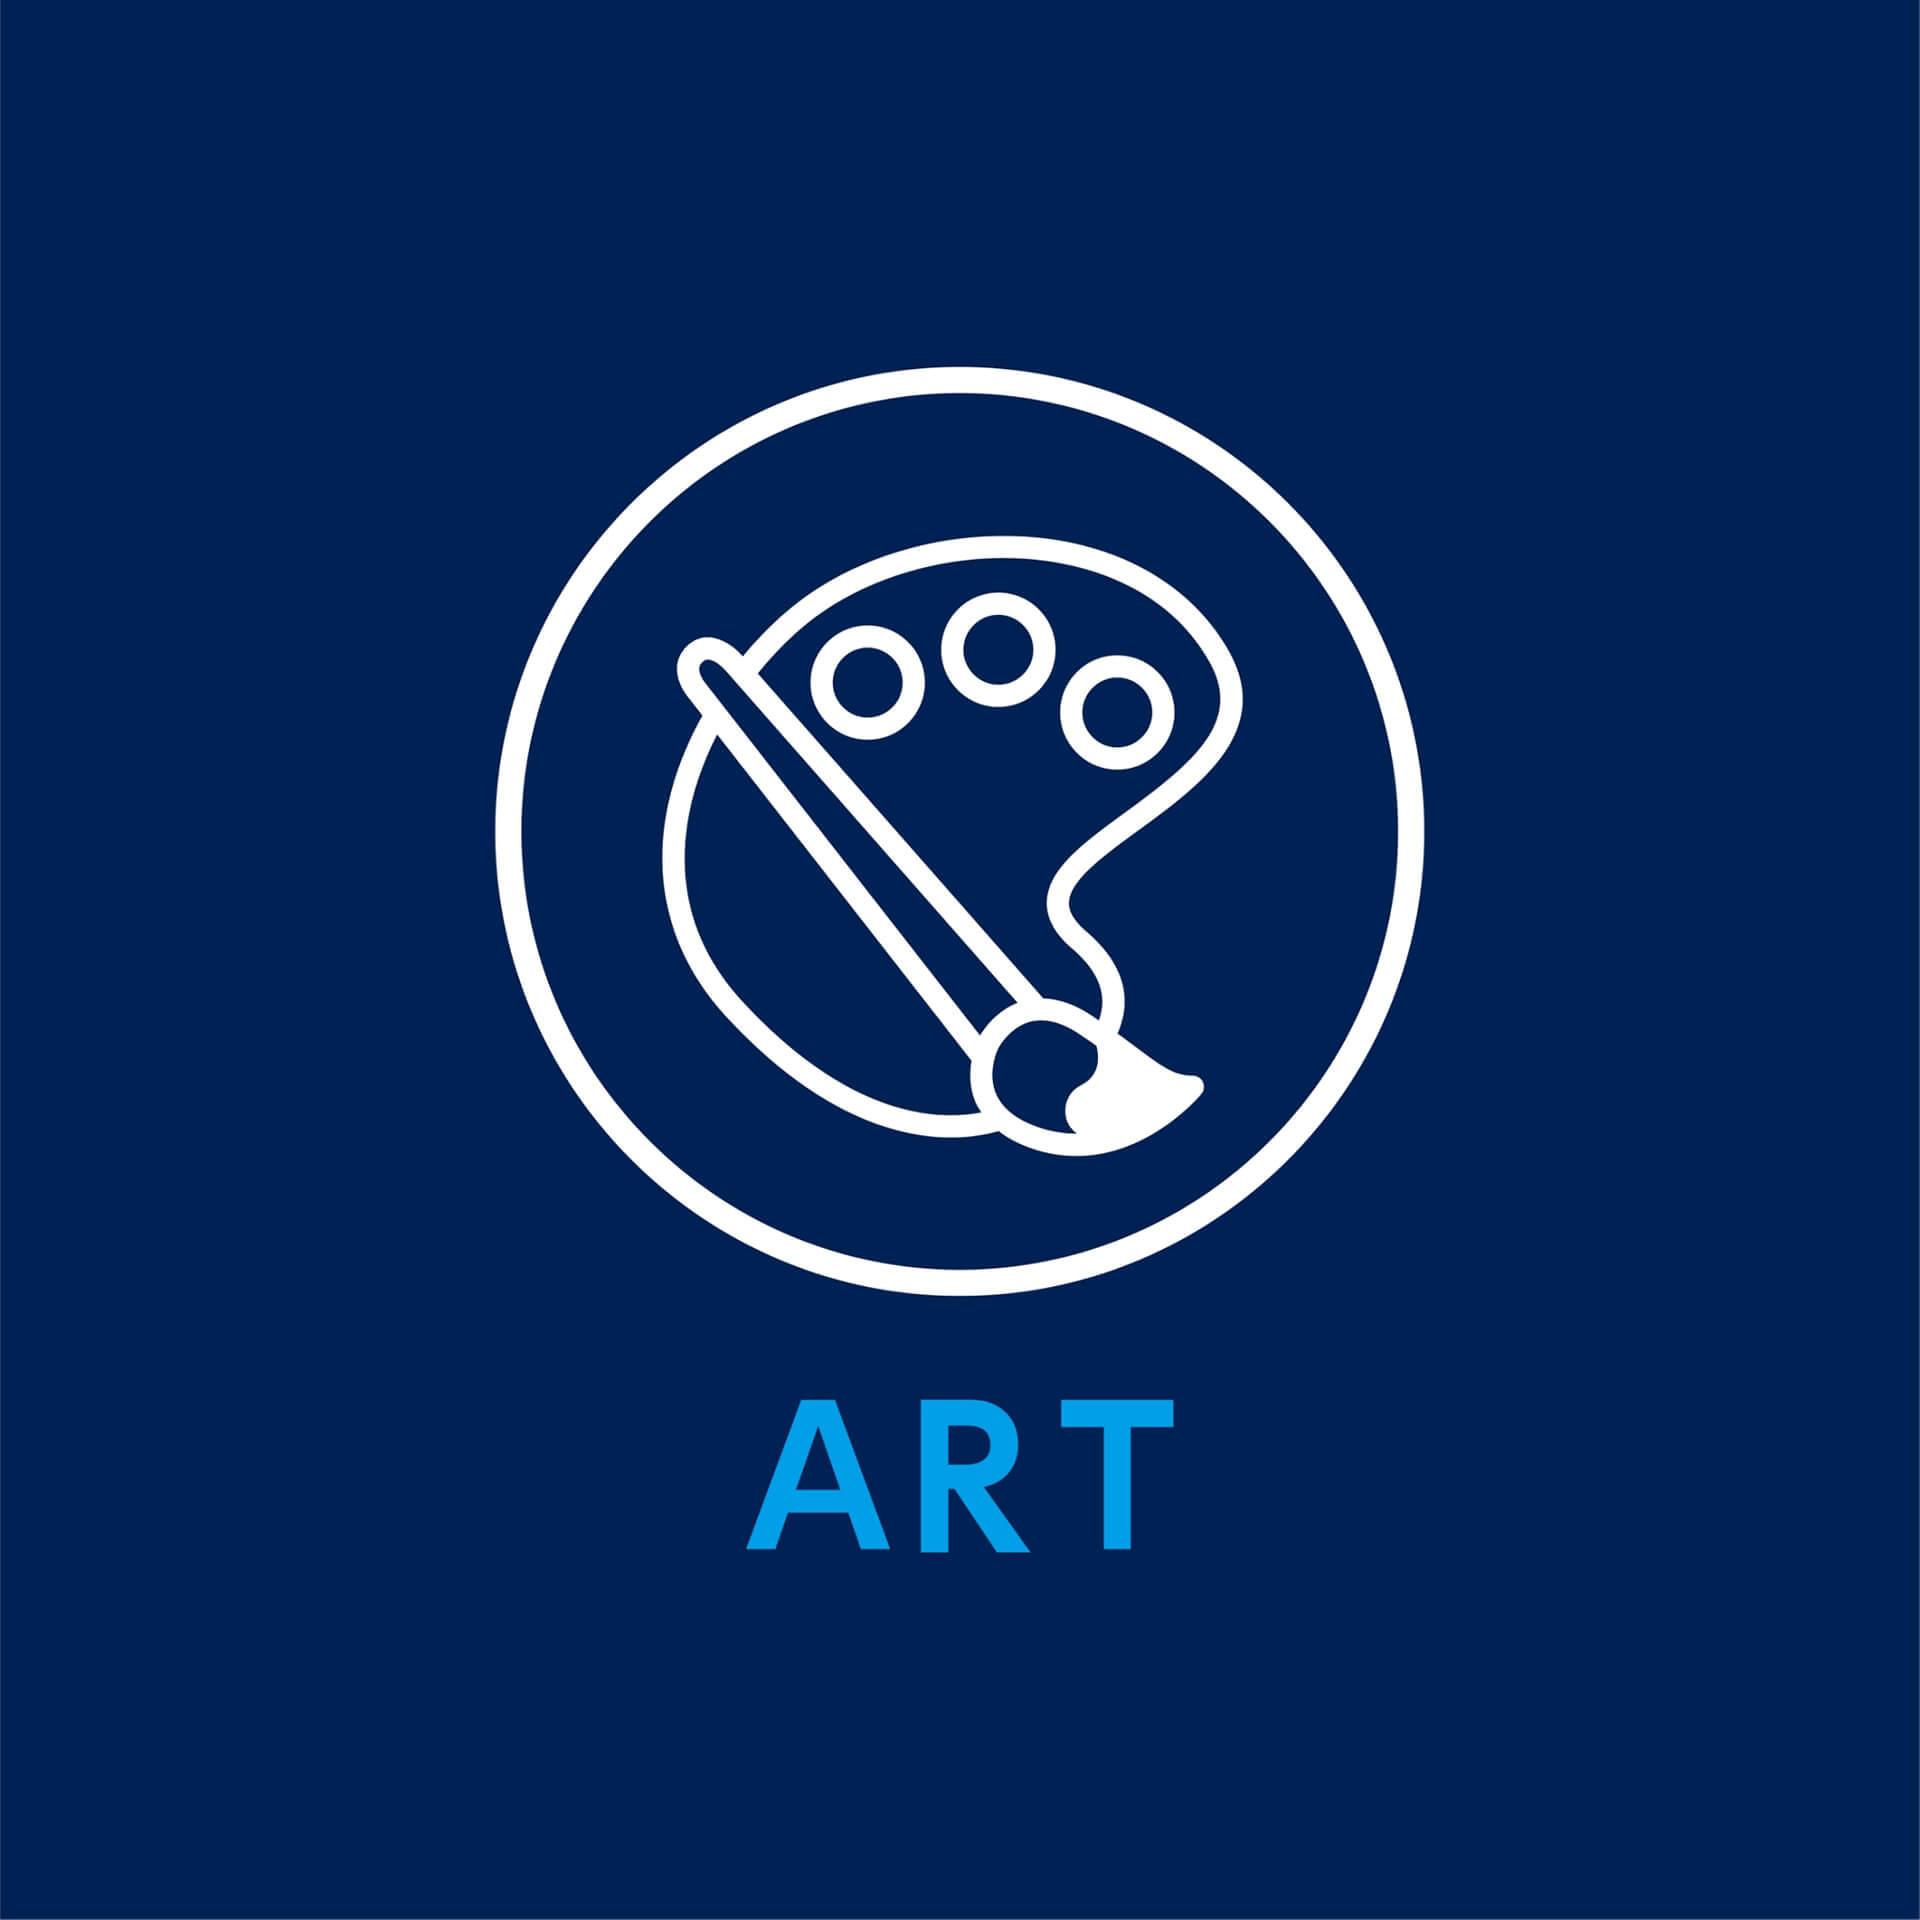 アートロゴ